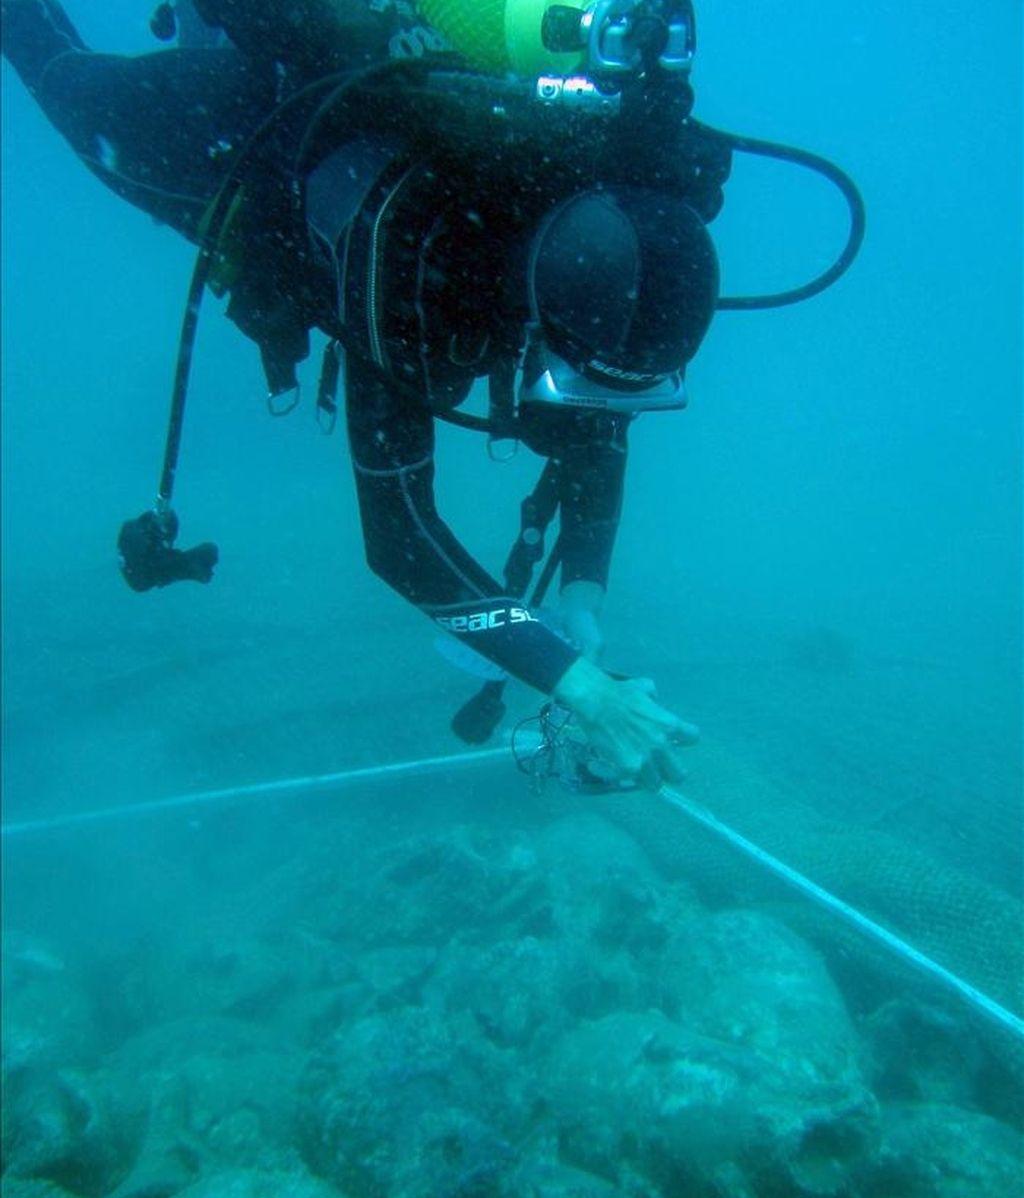 """La Armada está """"lista"""" para desarrollar las tareas de búsqueda y localización de pecios históricos sumergidos frente a las costas para evitar el posible expolio del patrimonio submarino español. EFE/Archivo"""